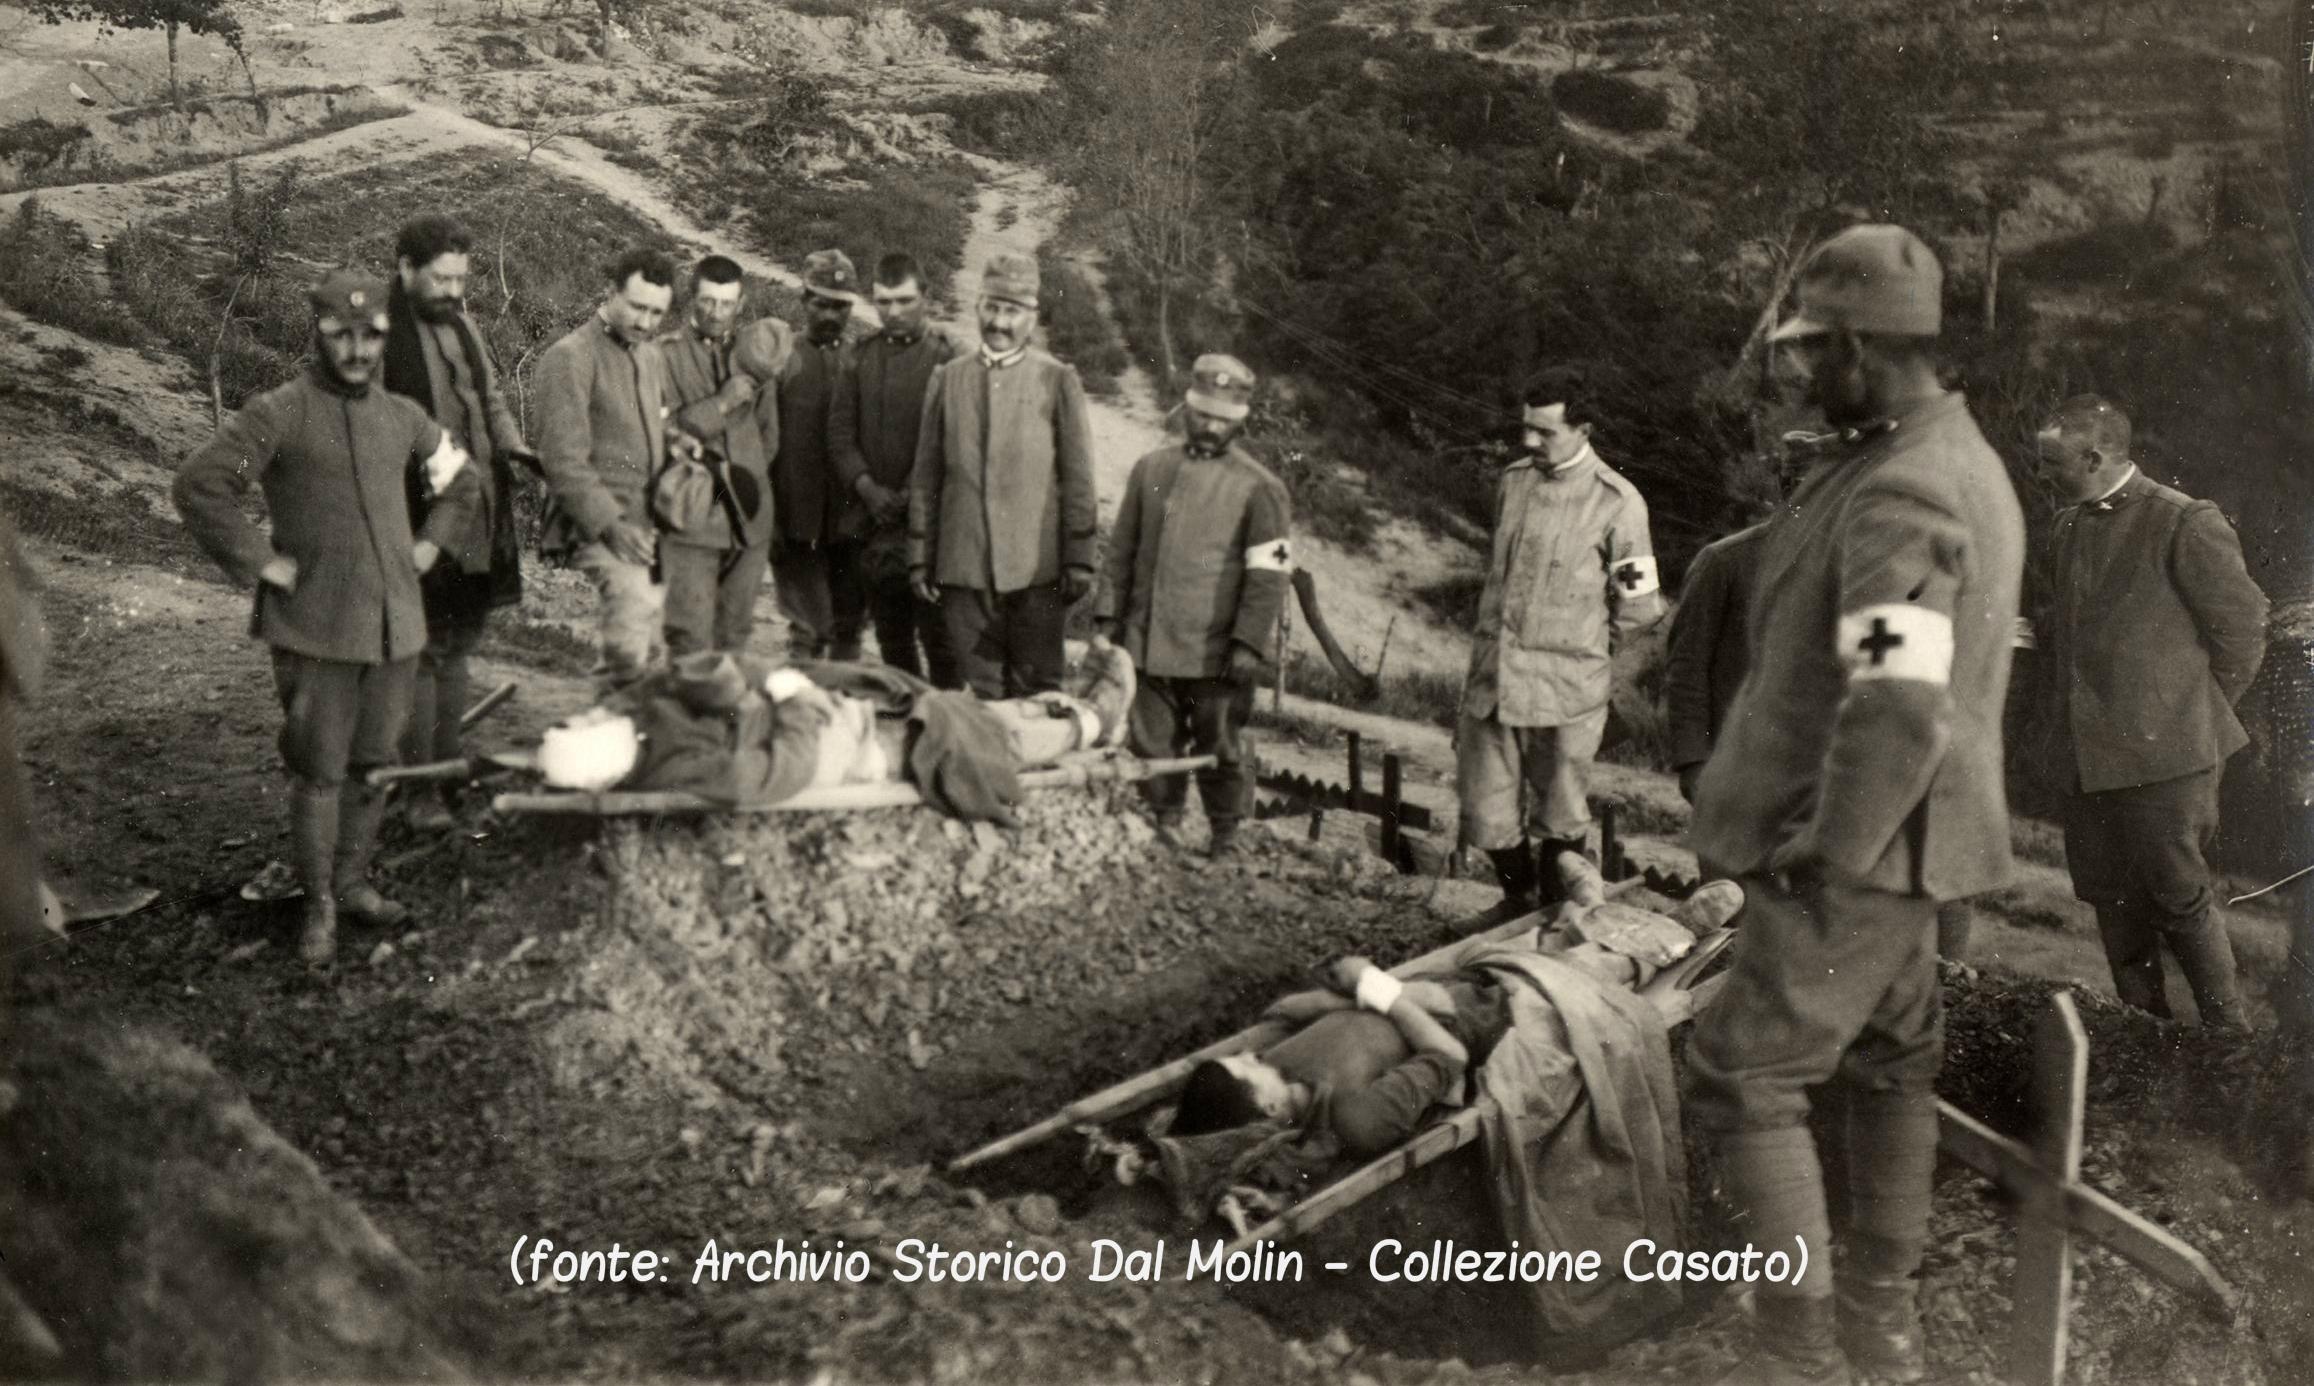 Ilaria 4 - sepoltura di un caduto (ASDM - Collezione Casato).jpg